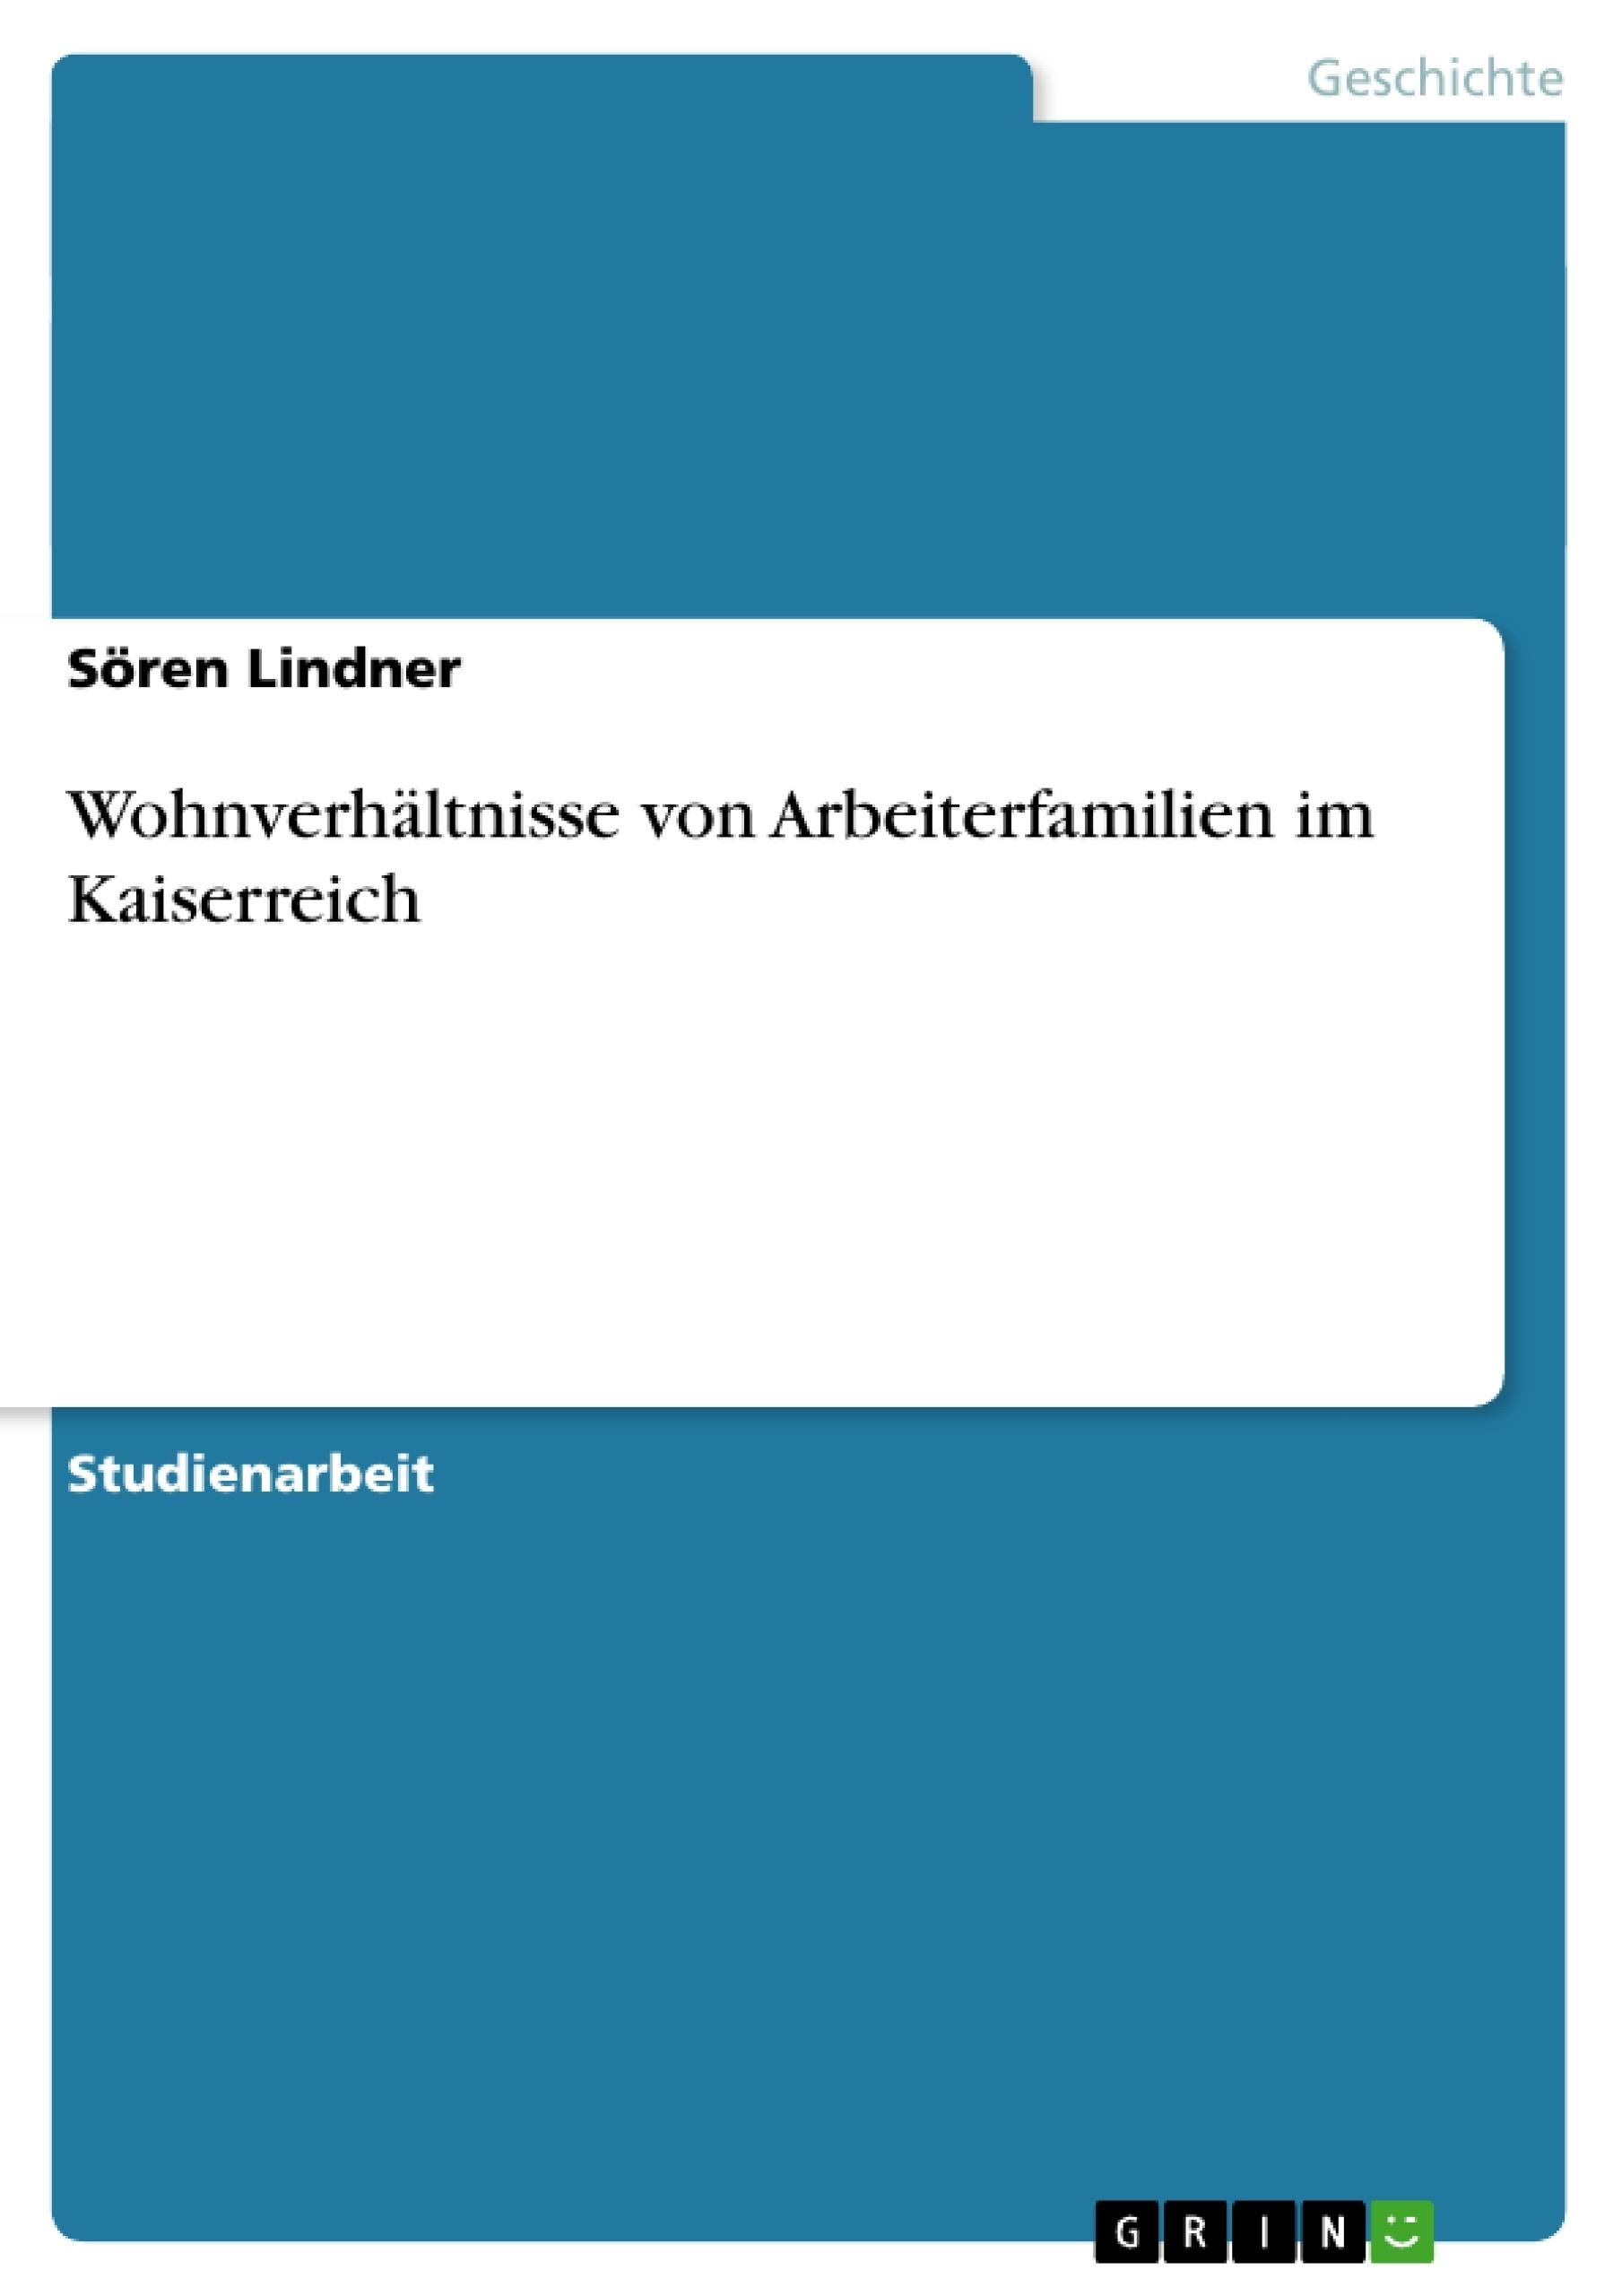 Titel: Wohnverhältnisse von Arbeiterfamilien im Kaiserreich